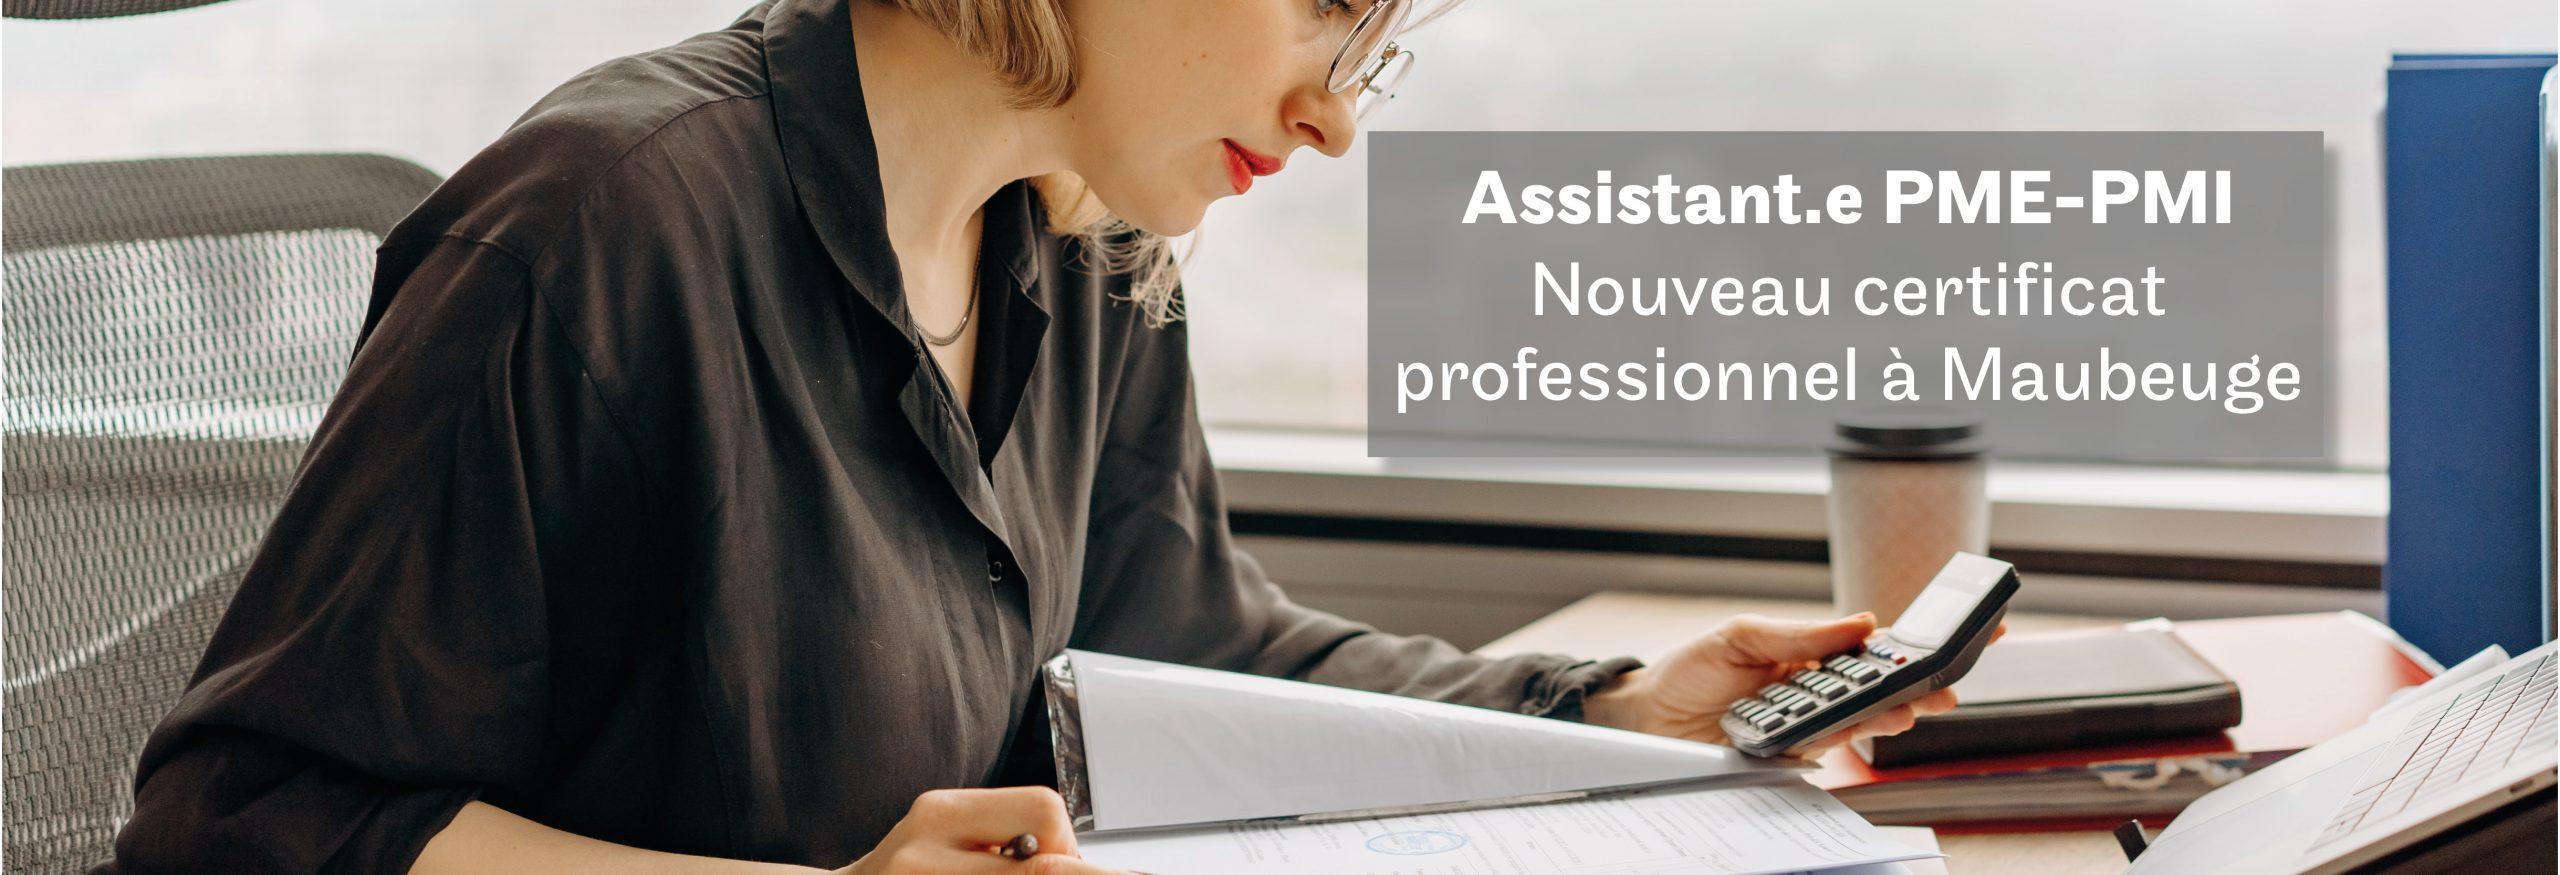 nouveau certificat professionnel Assistant PME PMI avec le Cnam à Maubeuge